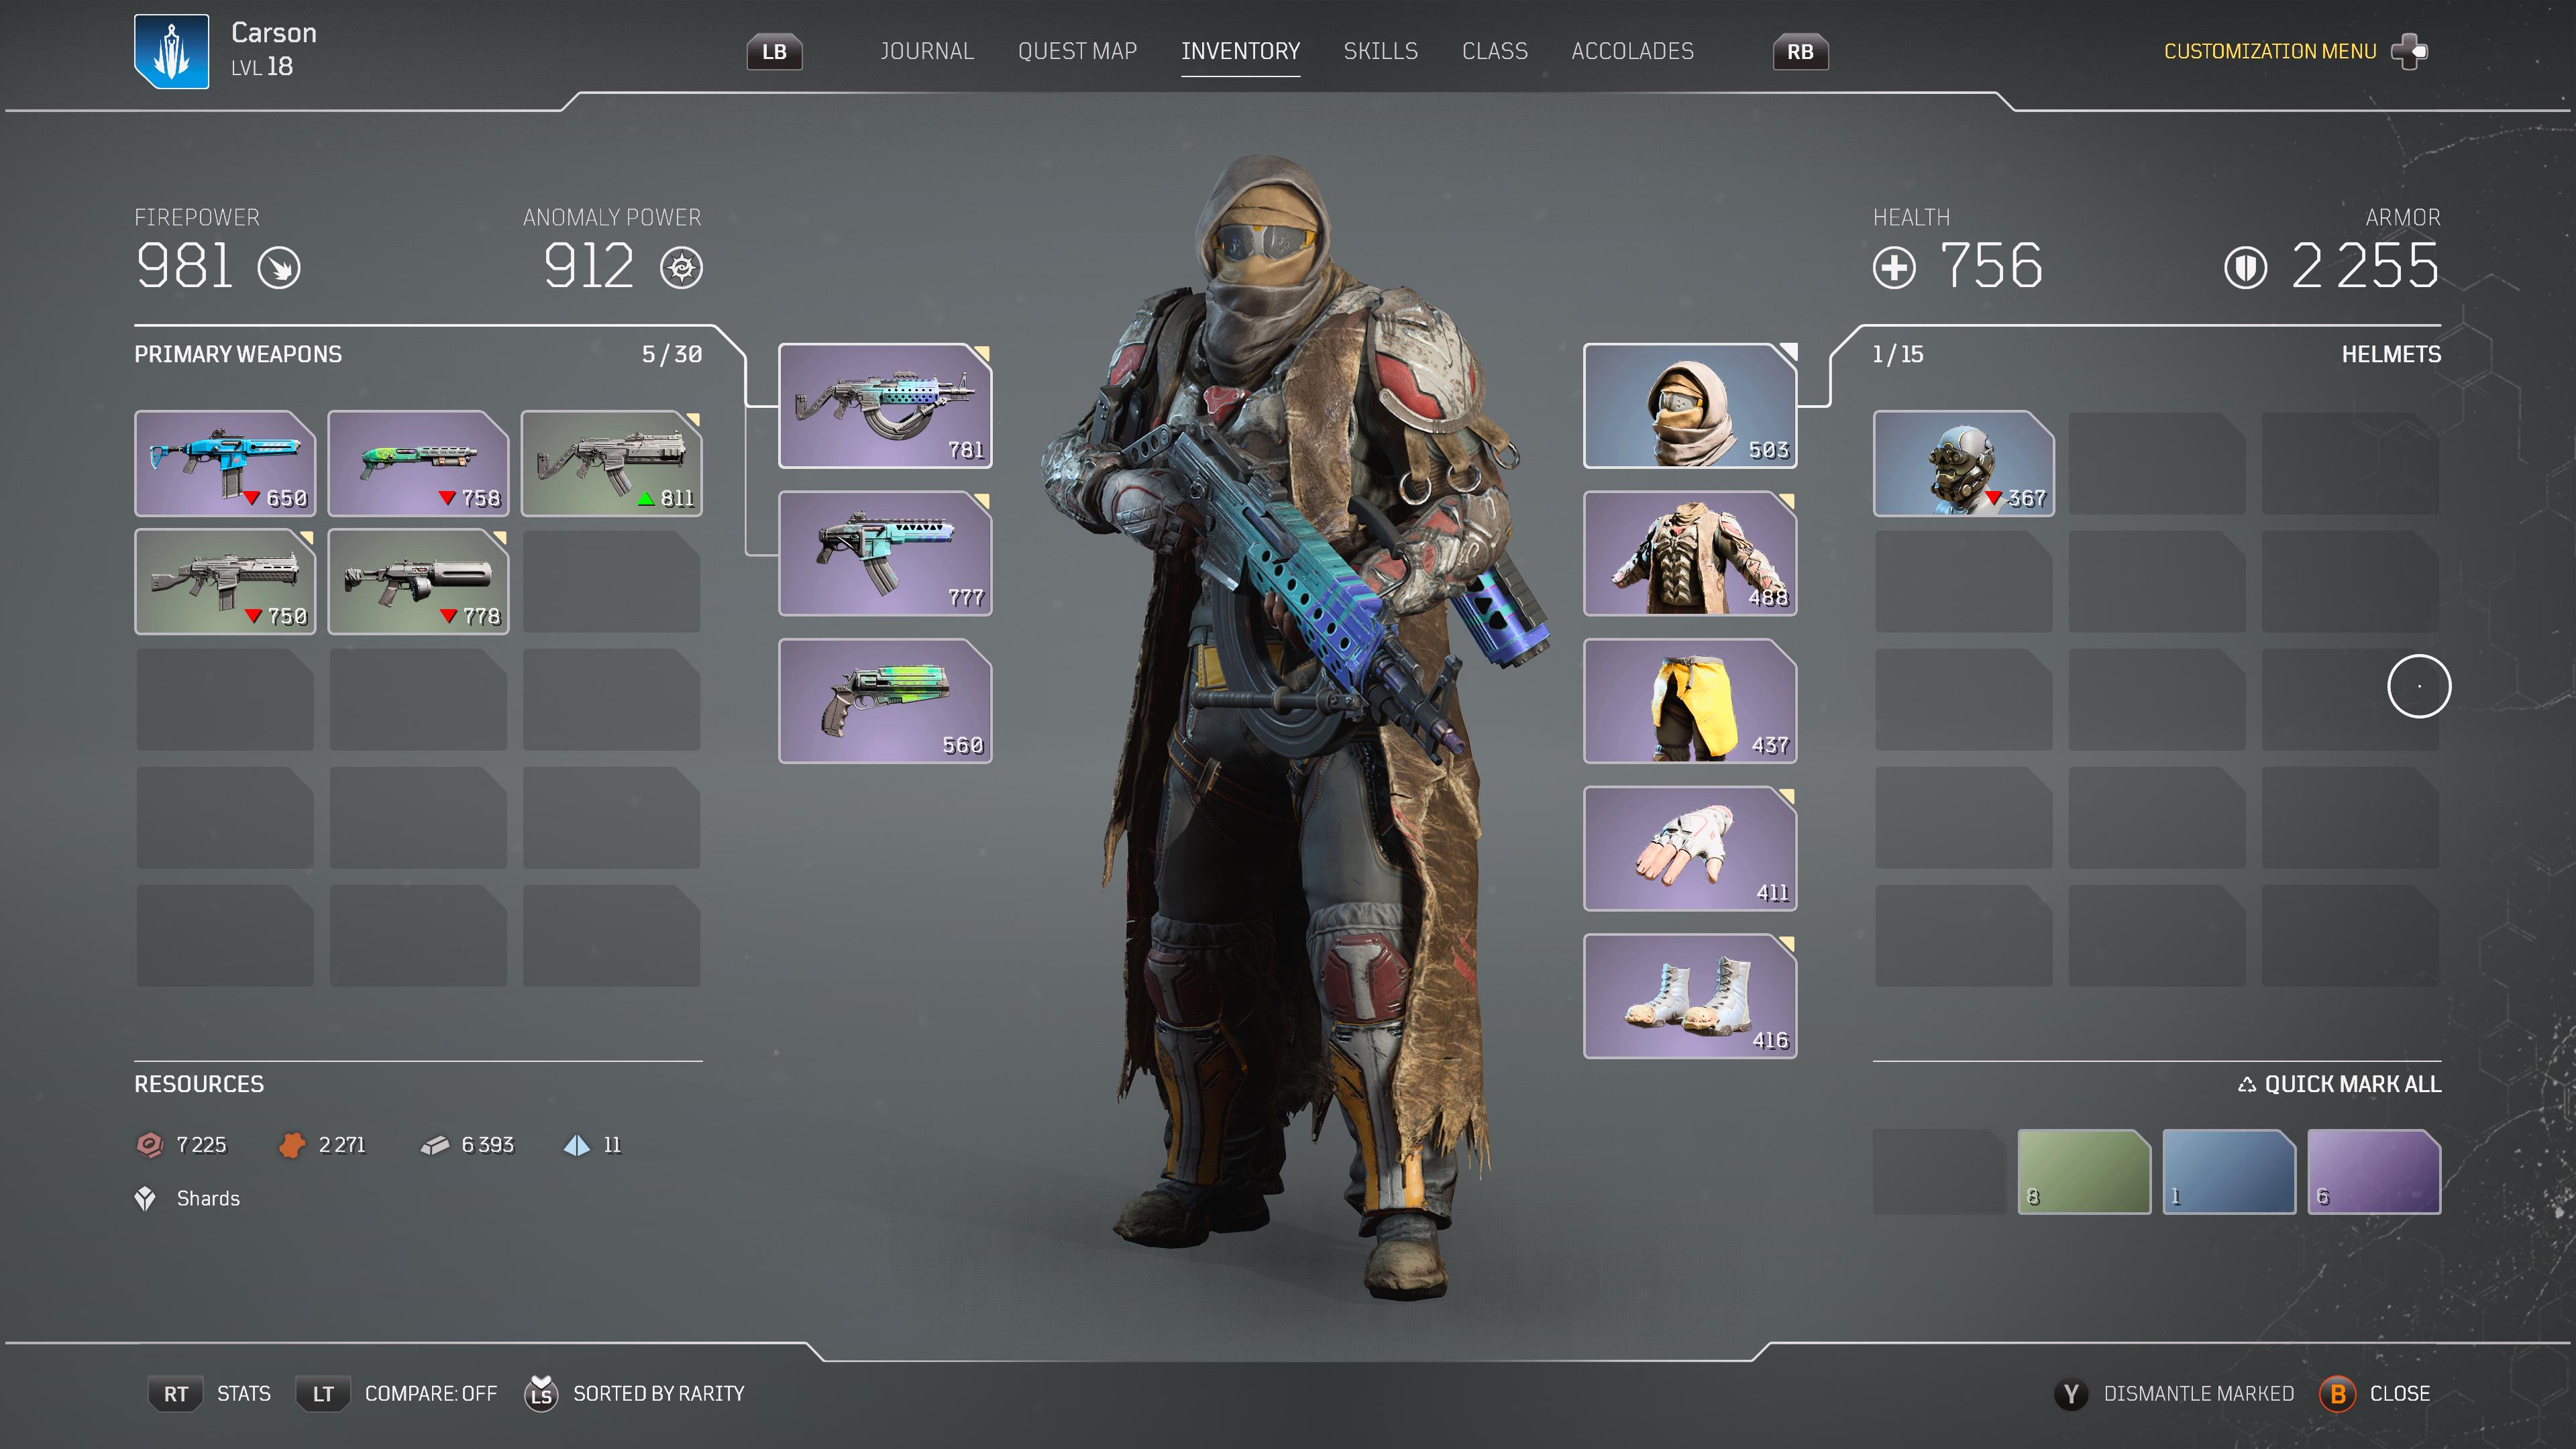 Équiper une pièce d'armure viendra changer le look de votre personnage autant dans le jeu que dans les cinématiques